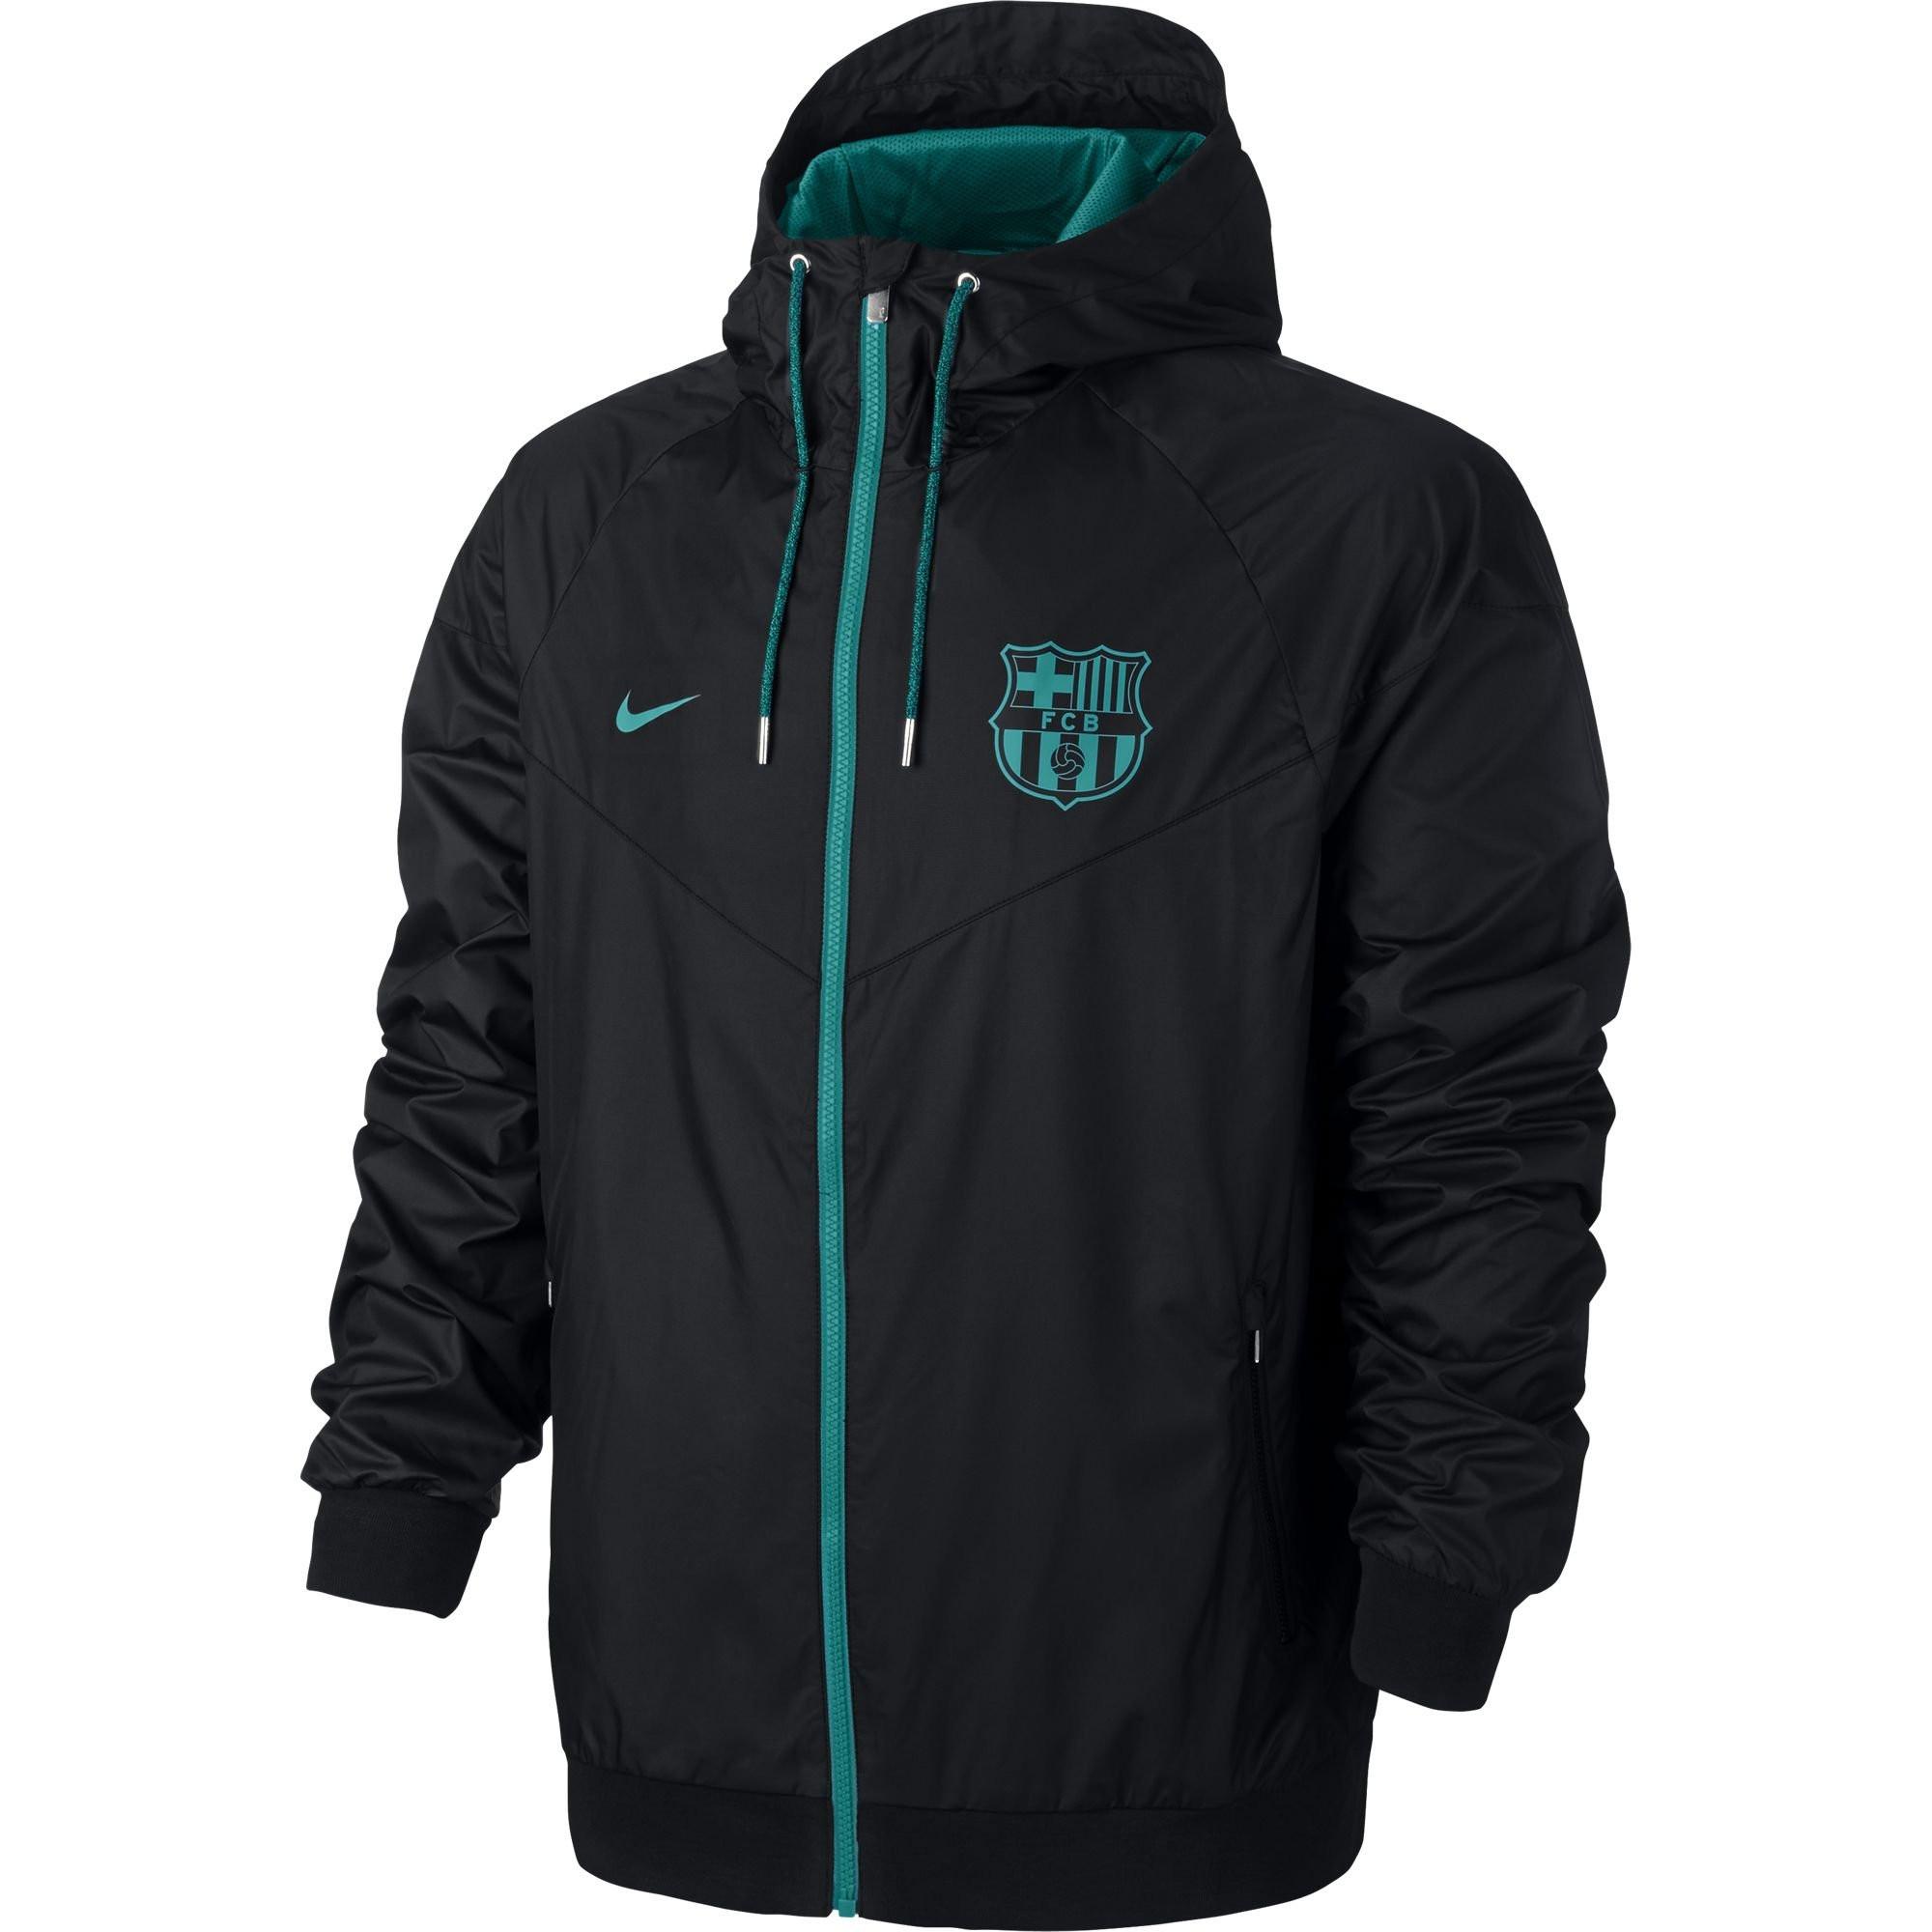 Nike Rayon Veste 20162017 Windrunner Noir Barcelone P8qHBz